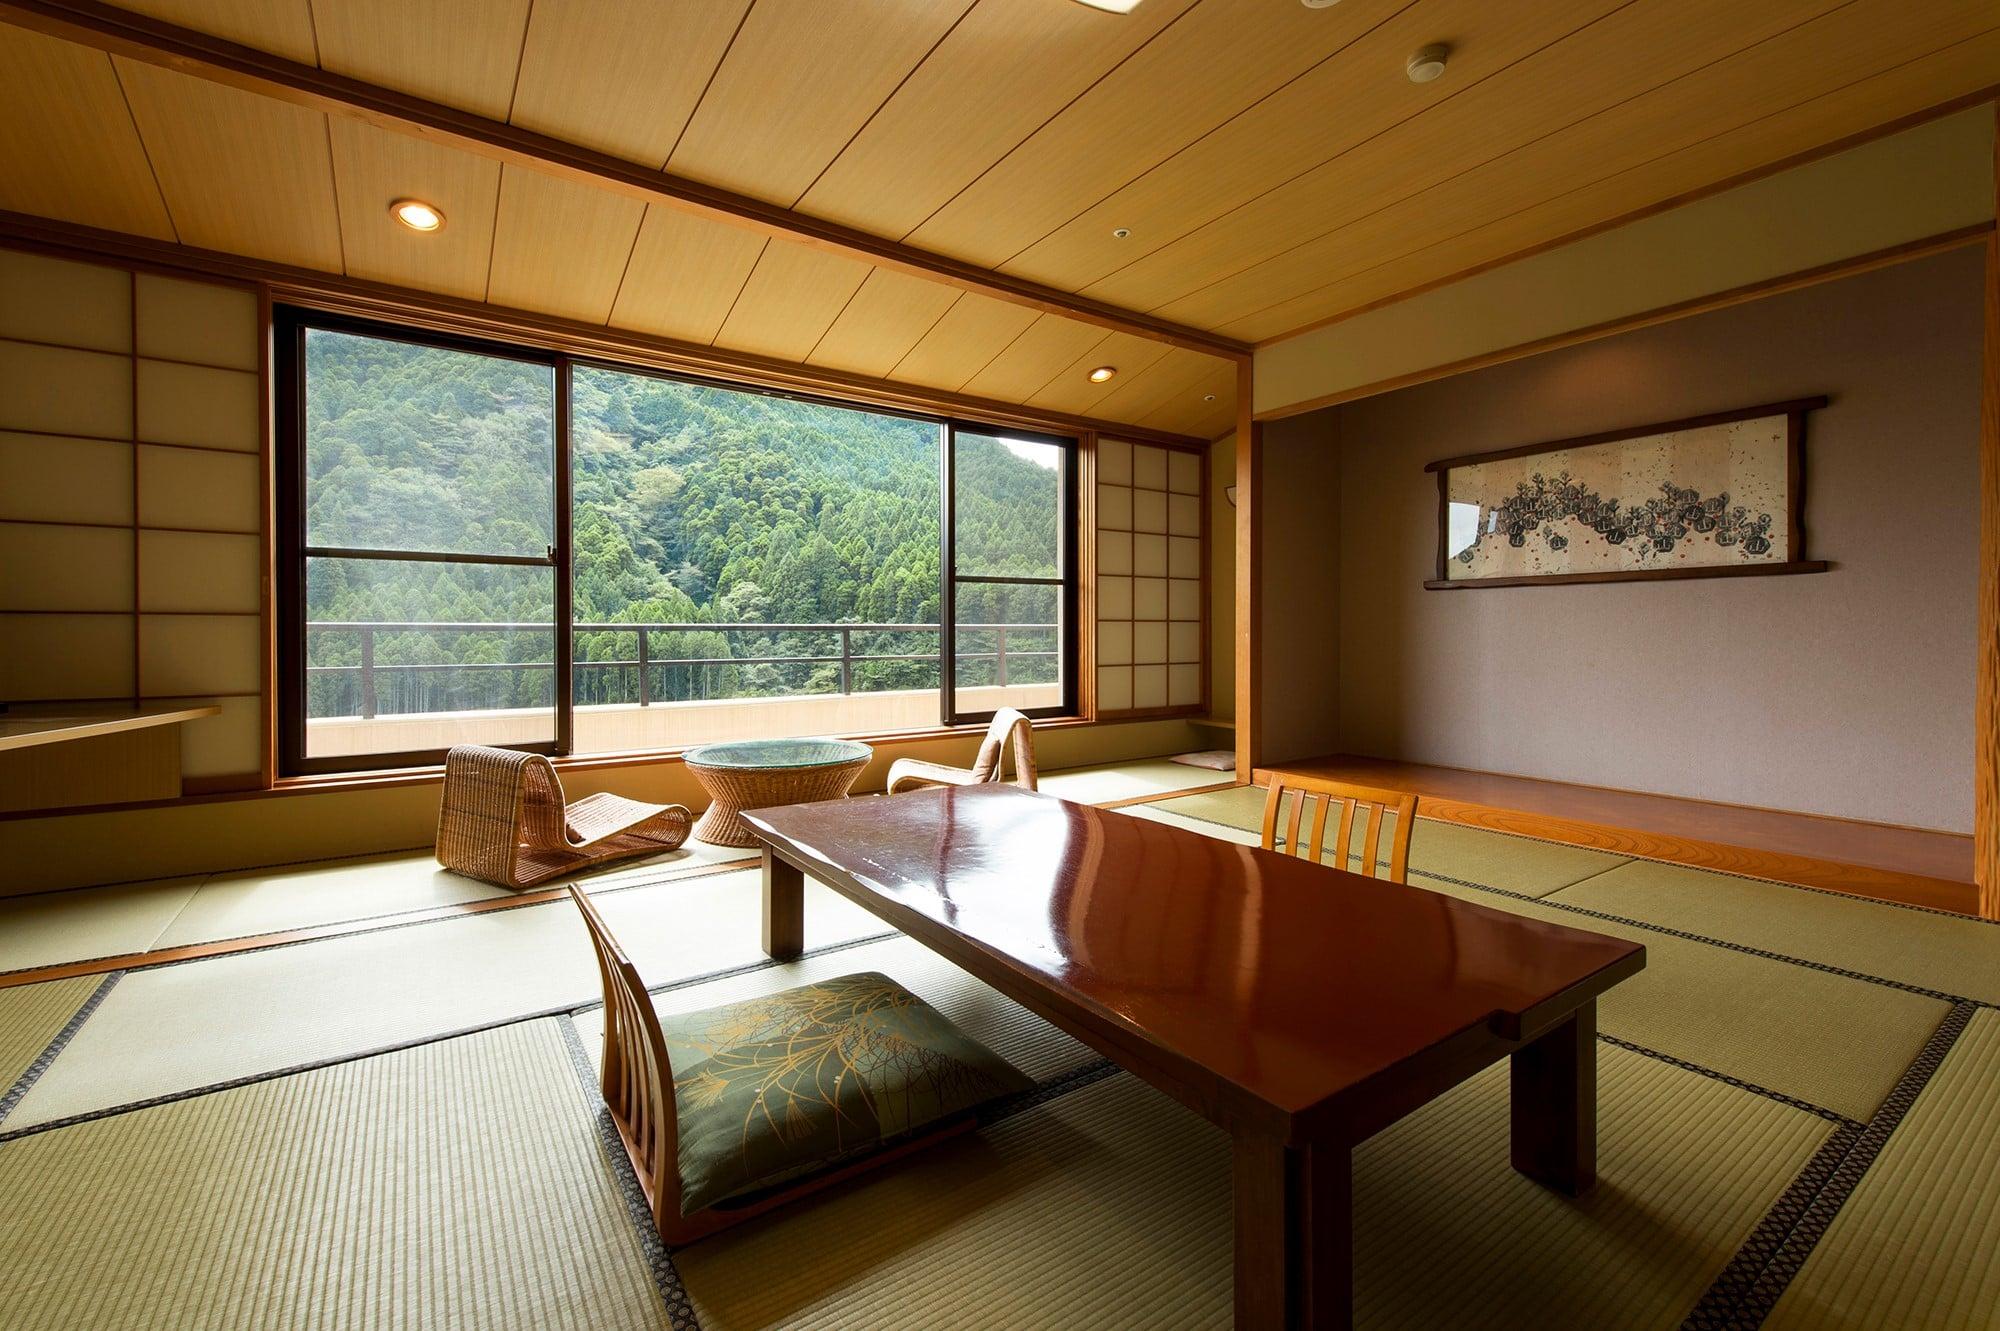 スタンダードな12畳の和室のほか、半露天風呂付きの離れなど、多彩な客室。